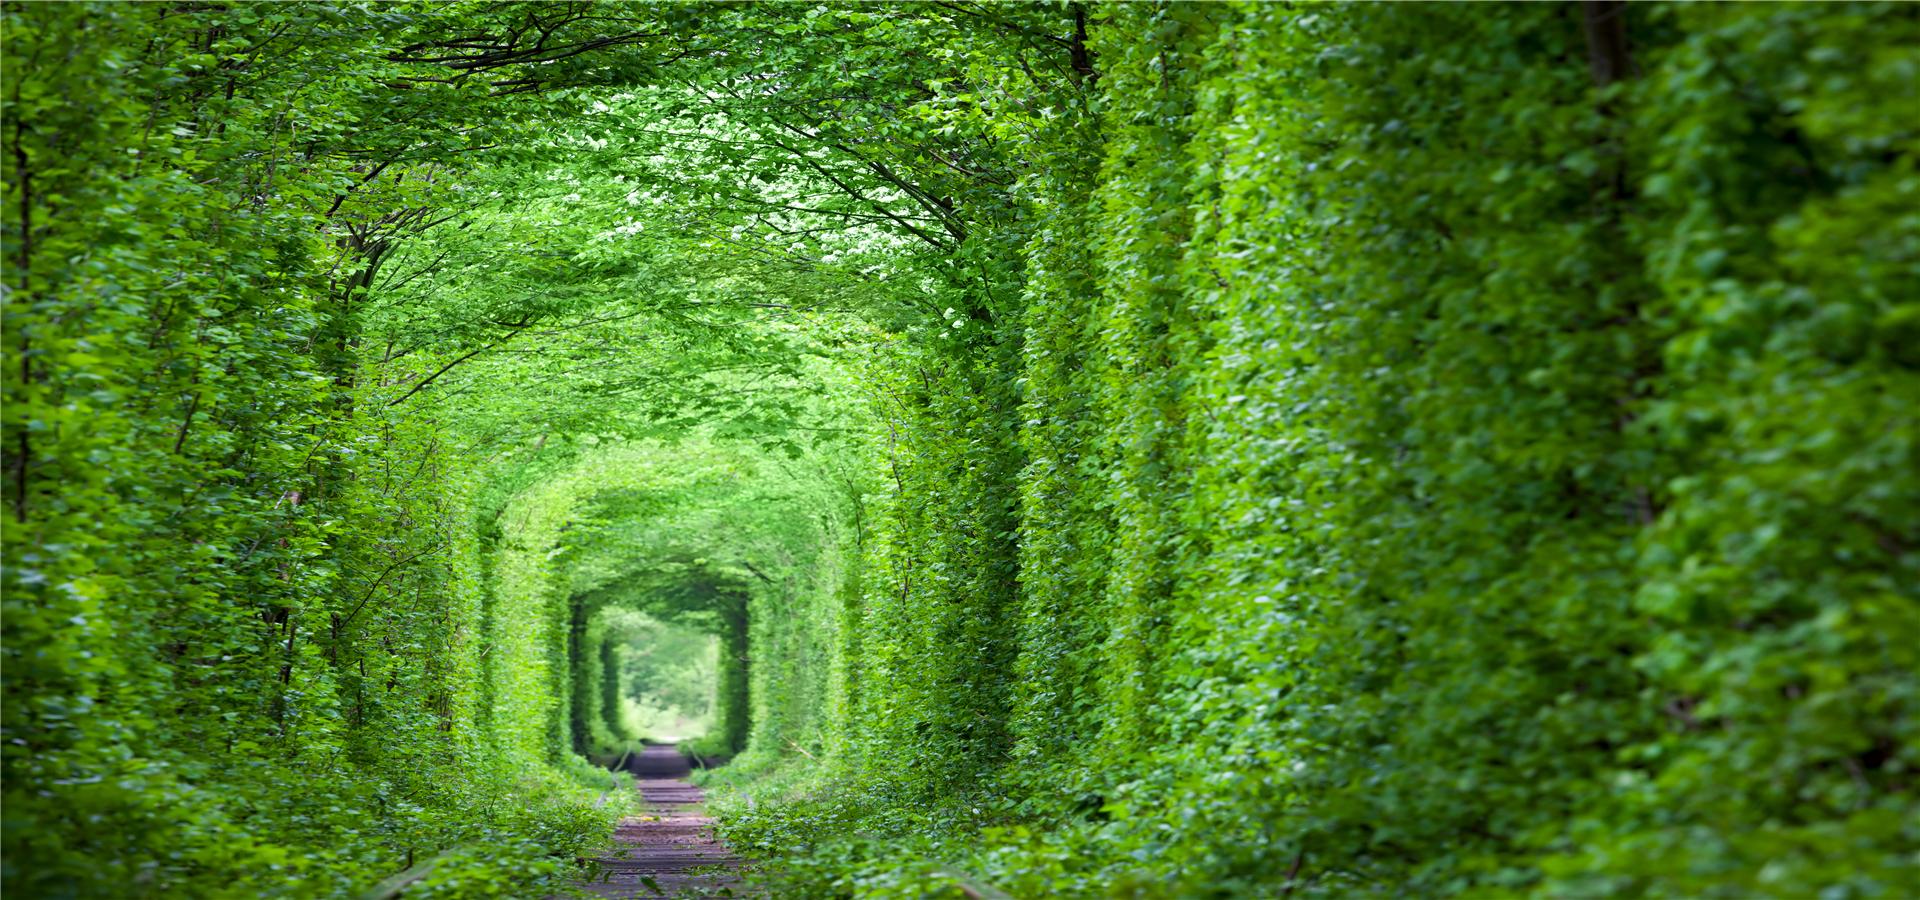 la texture de la plante herbac u00e9e printani u00e8re sch u00e9ma summer natural image de fond pour le